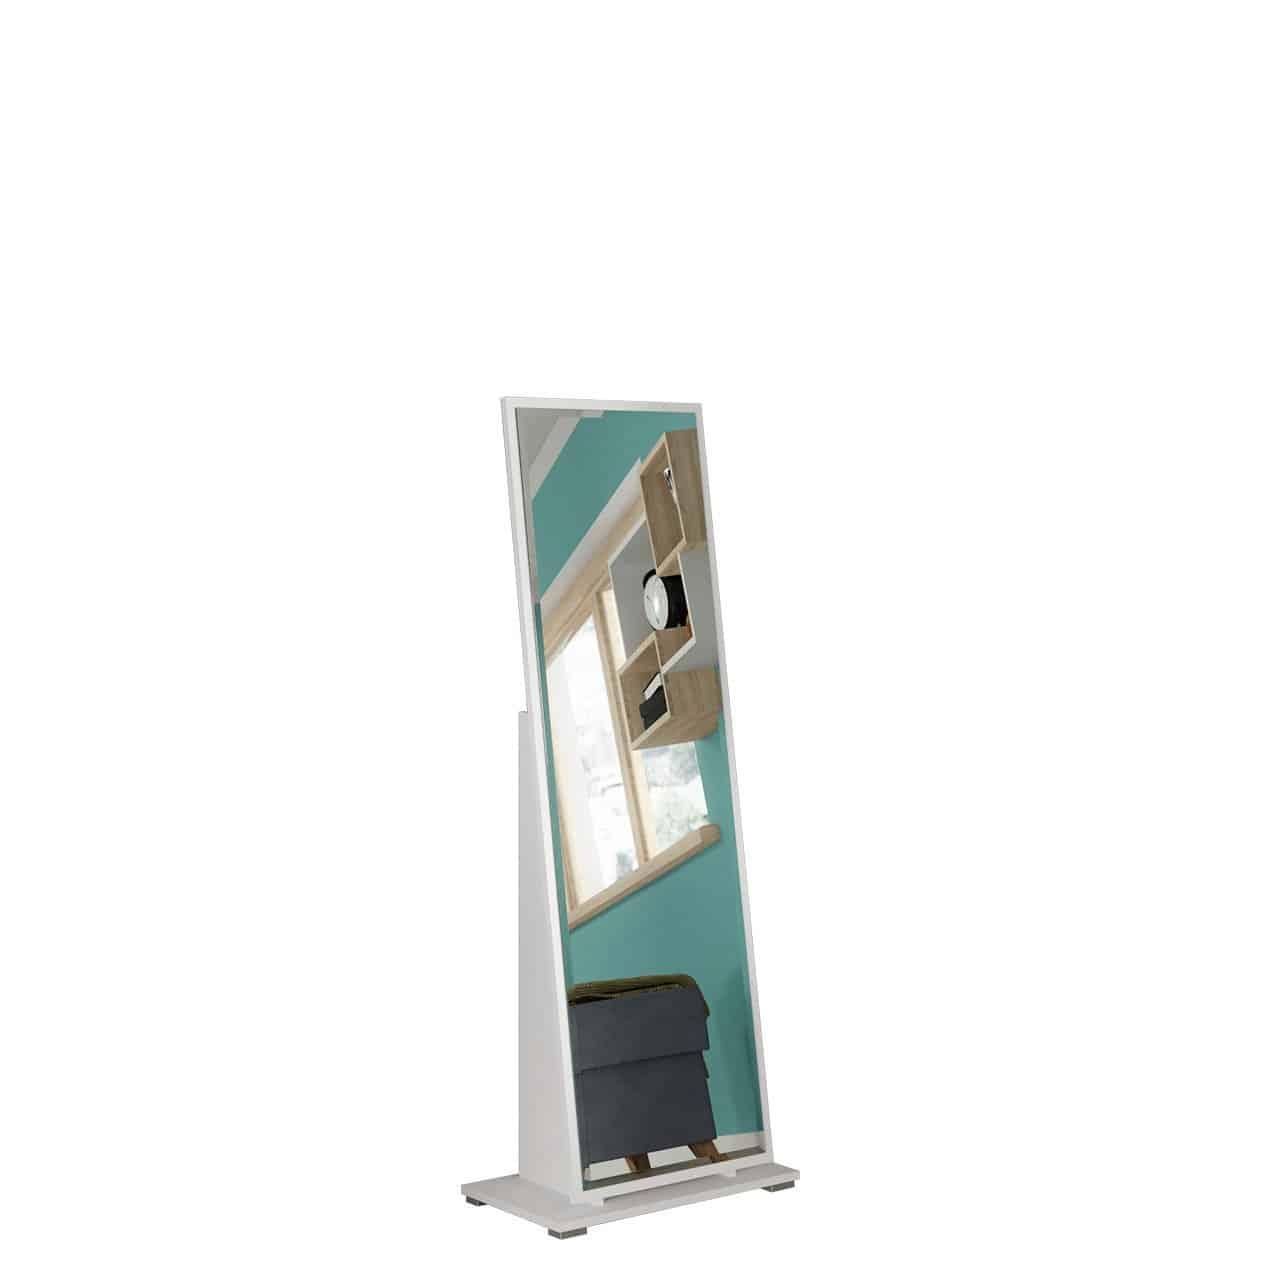 Mirjan24 Standspiegel Fabi Garderobenspiegel Ankleidespiegel Ganzkörperspiegel große Spiegel (Weiß)